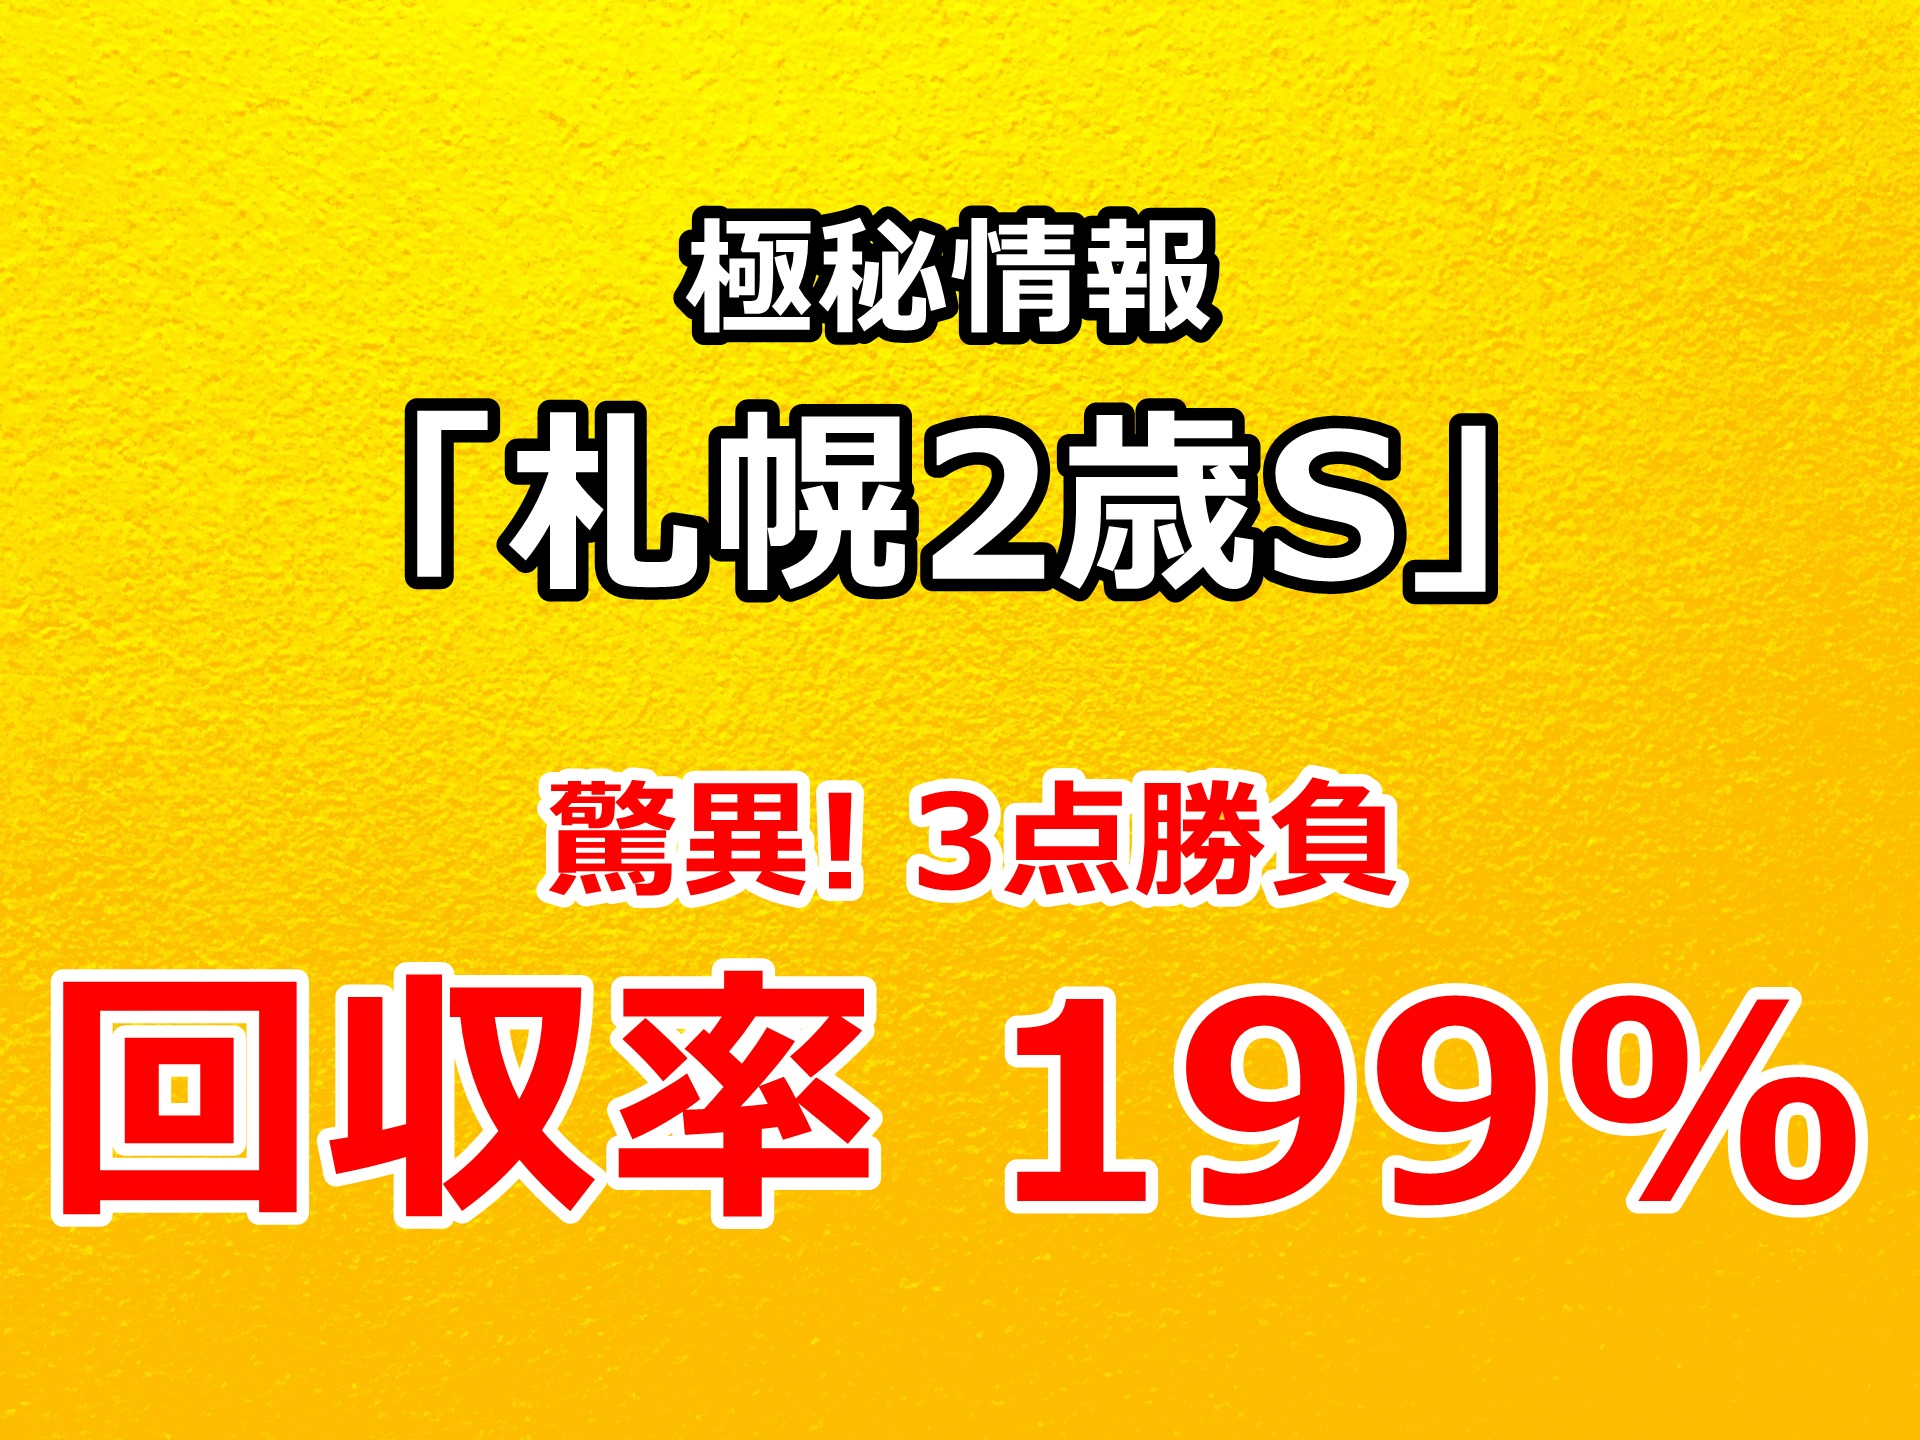 札幌2歳ステークス2020 予想【驚異! 3点勝負 年間回収率 199%】